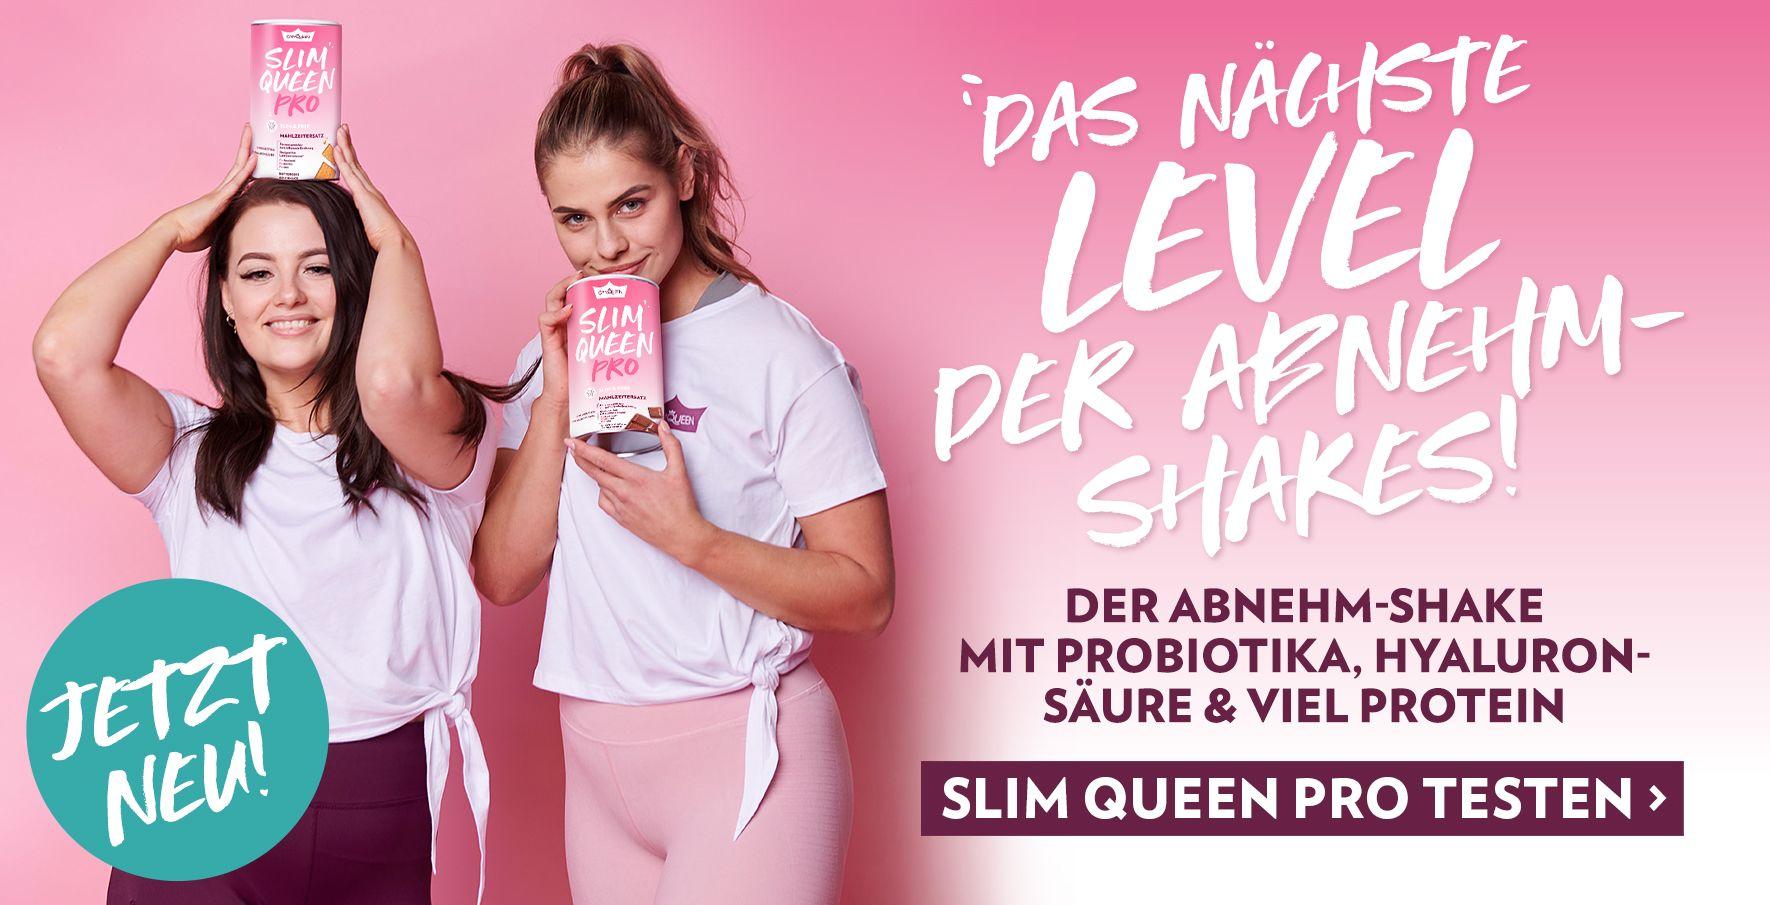 NEU: Slim Queen Pro - der erste Abnehm-Shake mit Probiotika, Hyaluronsäure, Zink & Biotin & viel Protein.